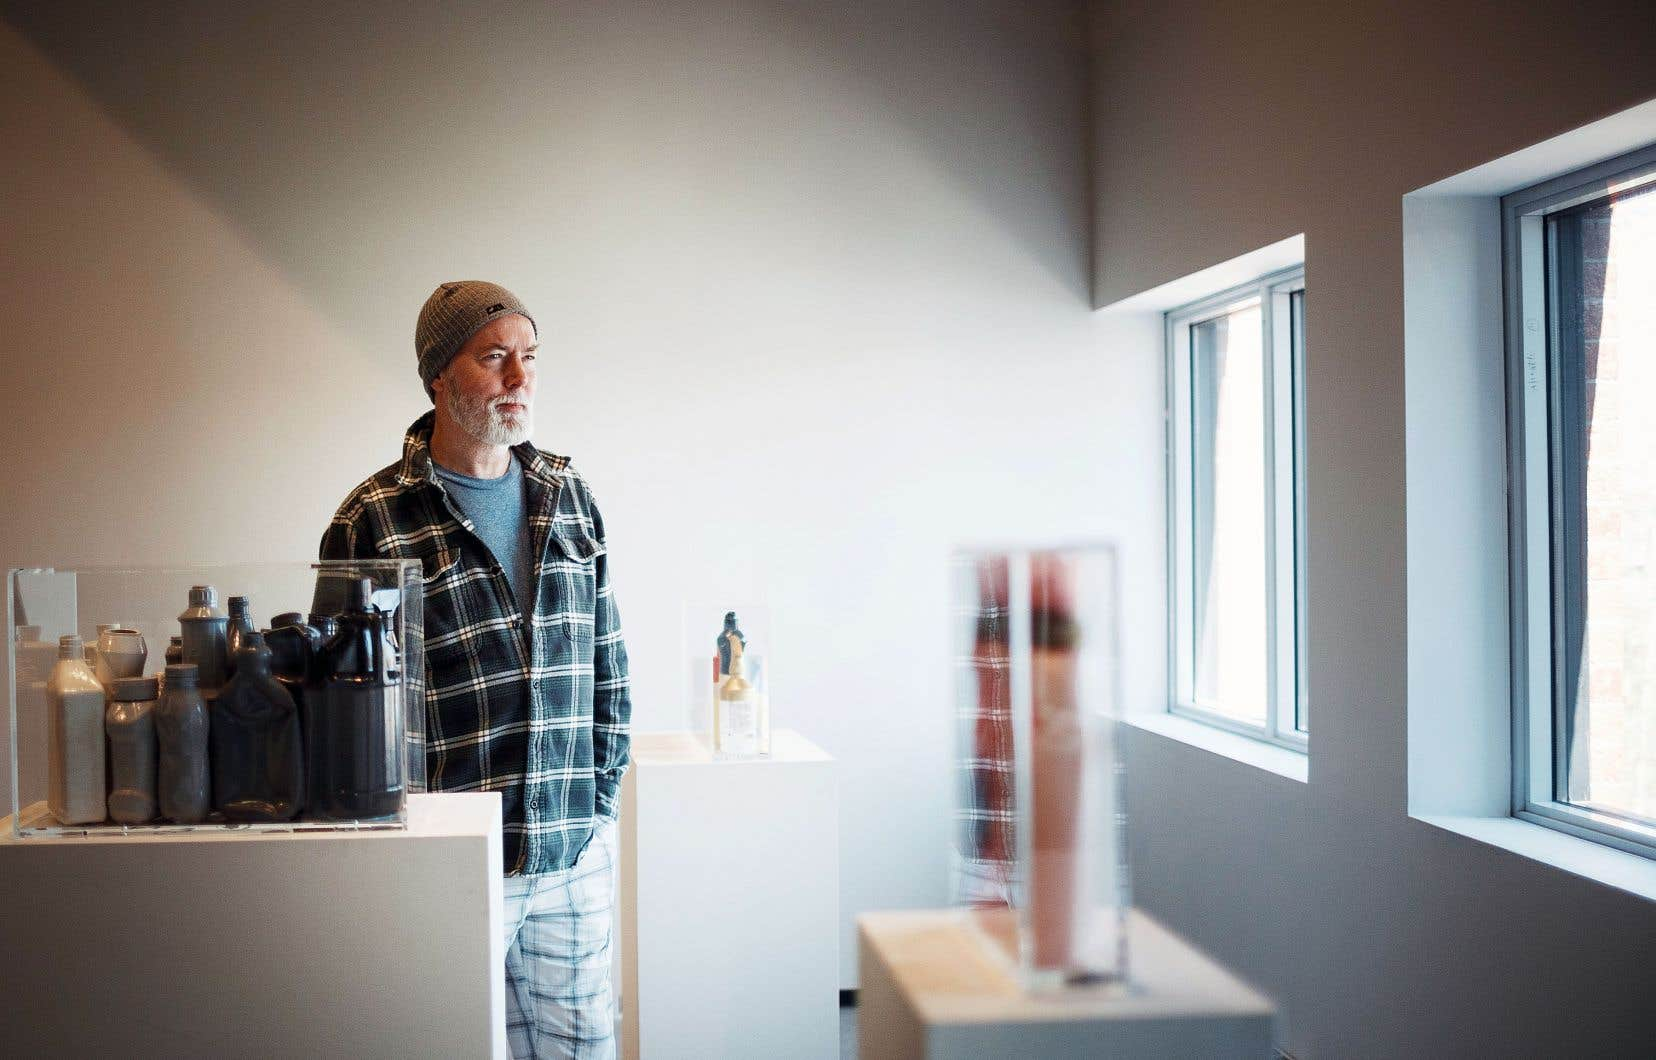 Douglas Coupland, qui a grandi à Vancouver, a beaucoup réfléchi à l'identité canadienne. Mais il insiste pour dire qu'il n'a pas d'idées politiques; tout au plus des sensibilités.